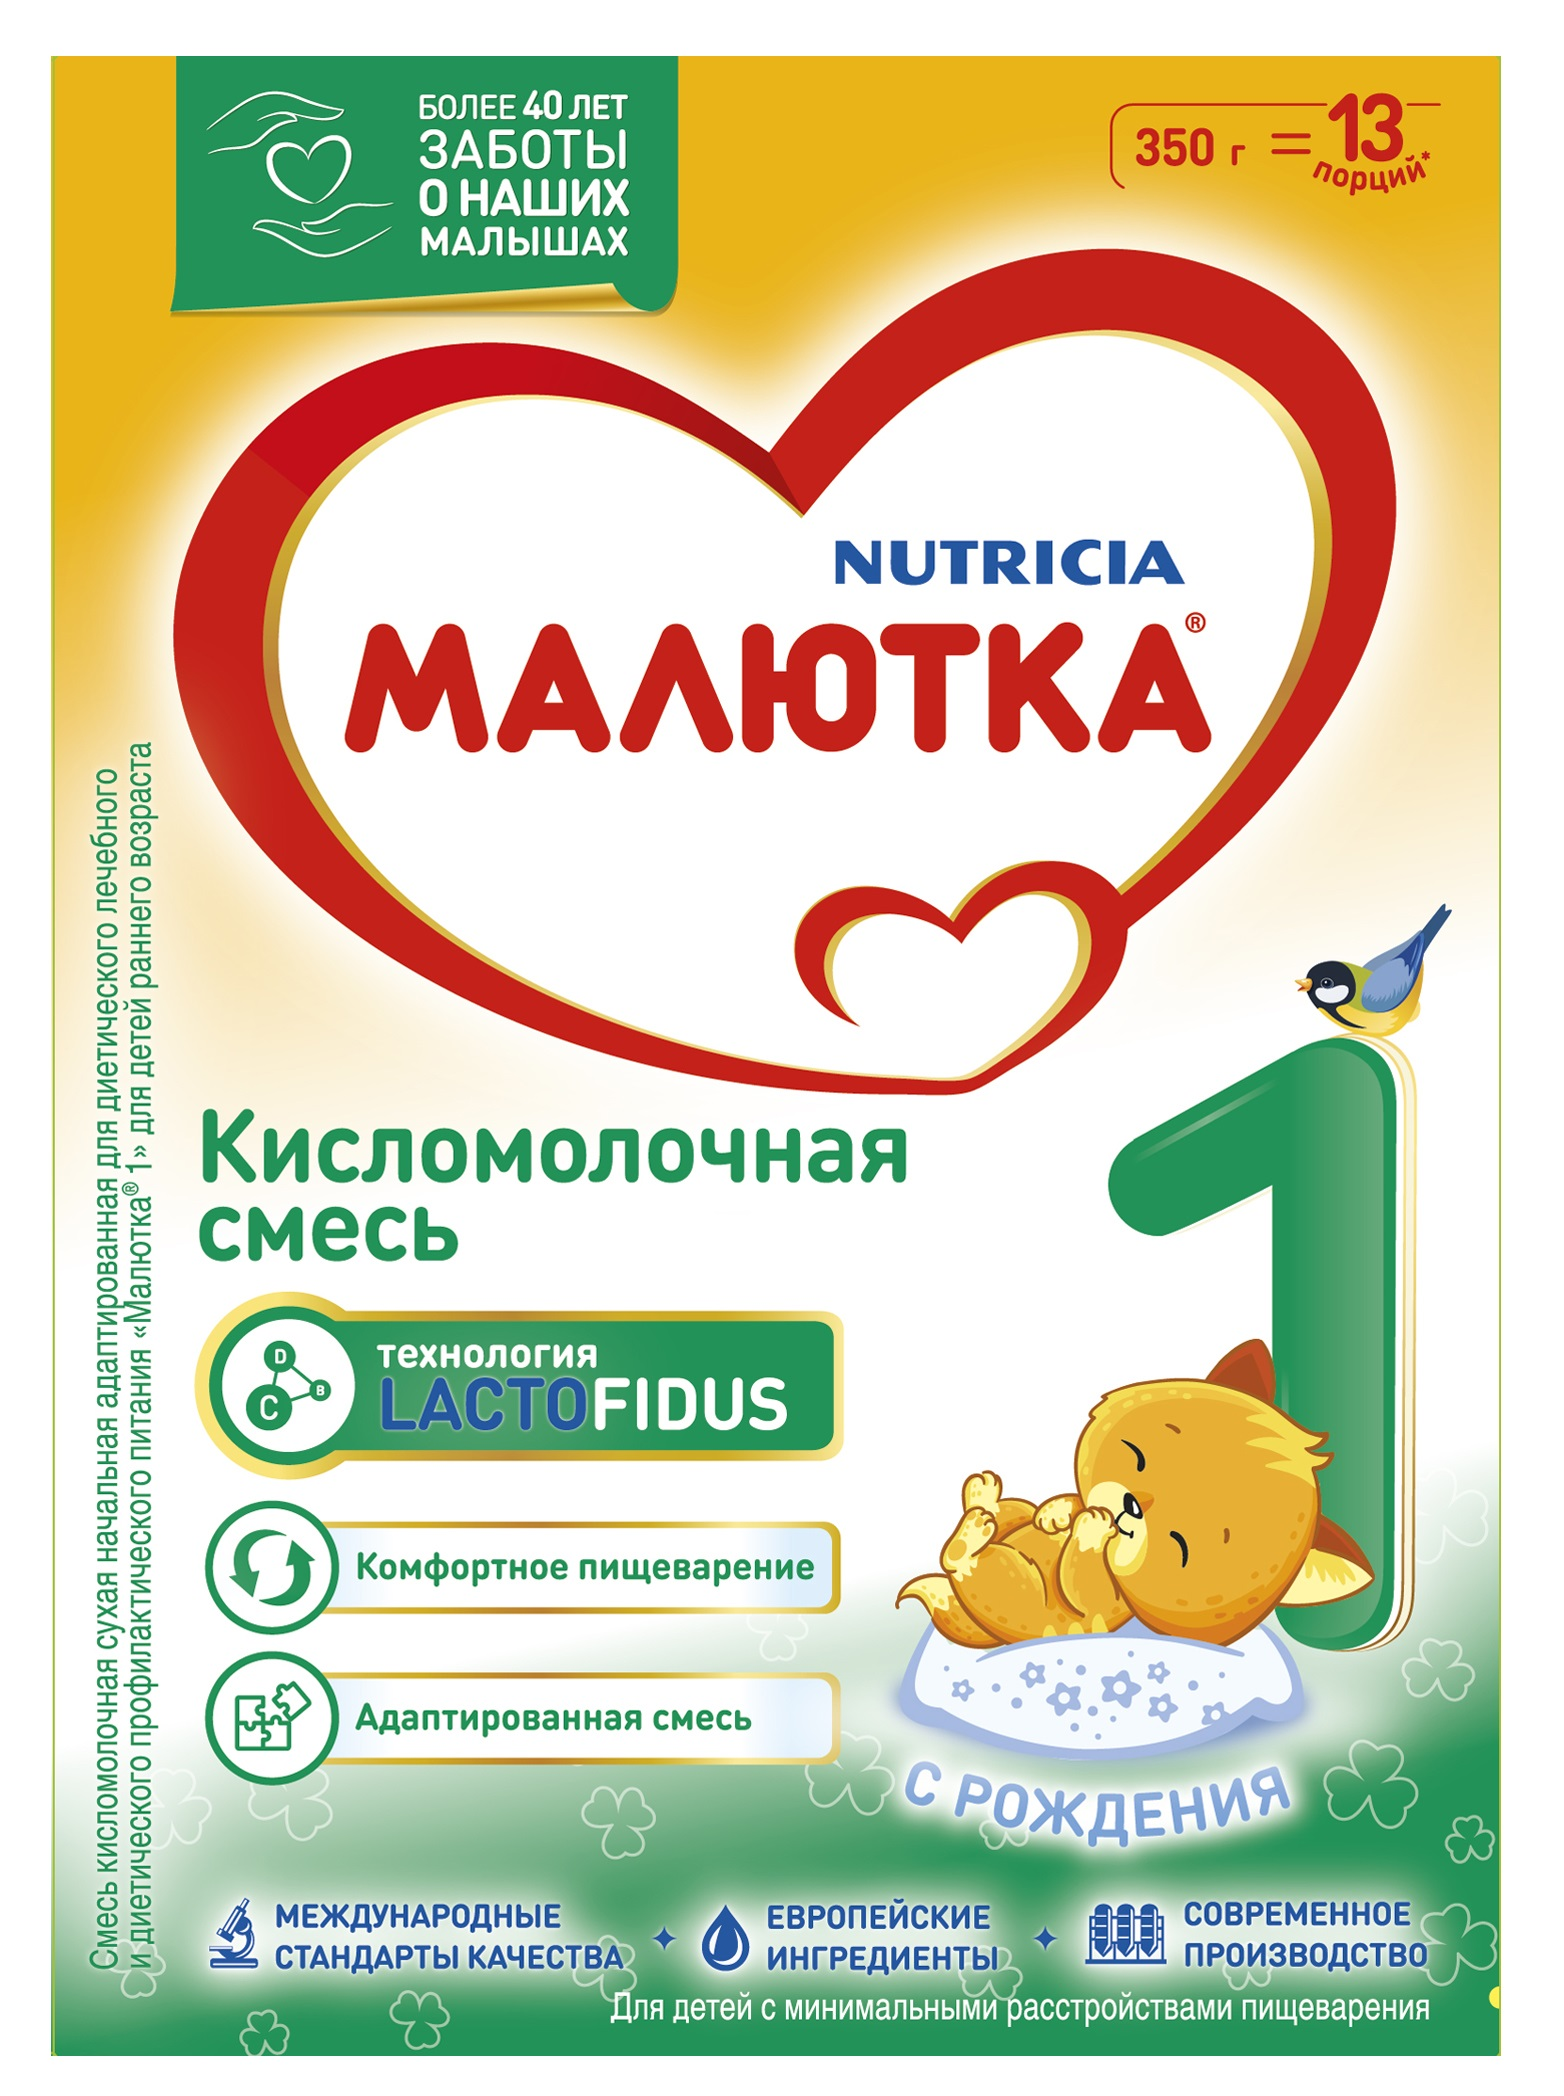 Купить Сухая молочная смесь Малютка Кисломолочная 1, 350гр, Россия